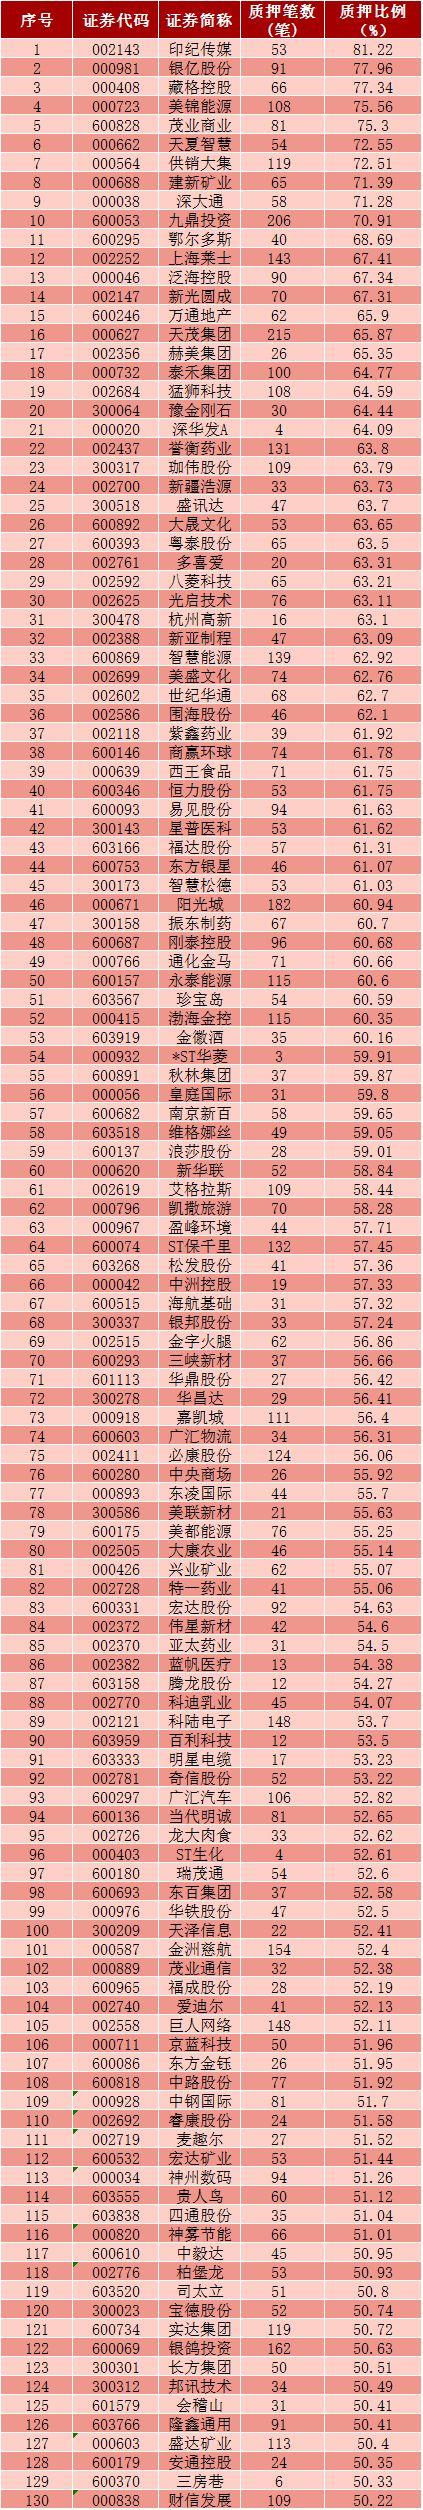 中国证券业协会发布修订后的《证券公司参与股票质押式回购交易风险管理指引》